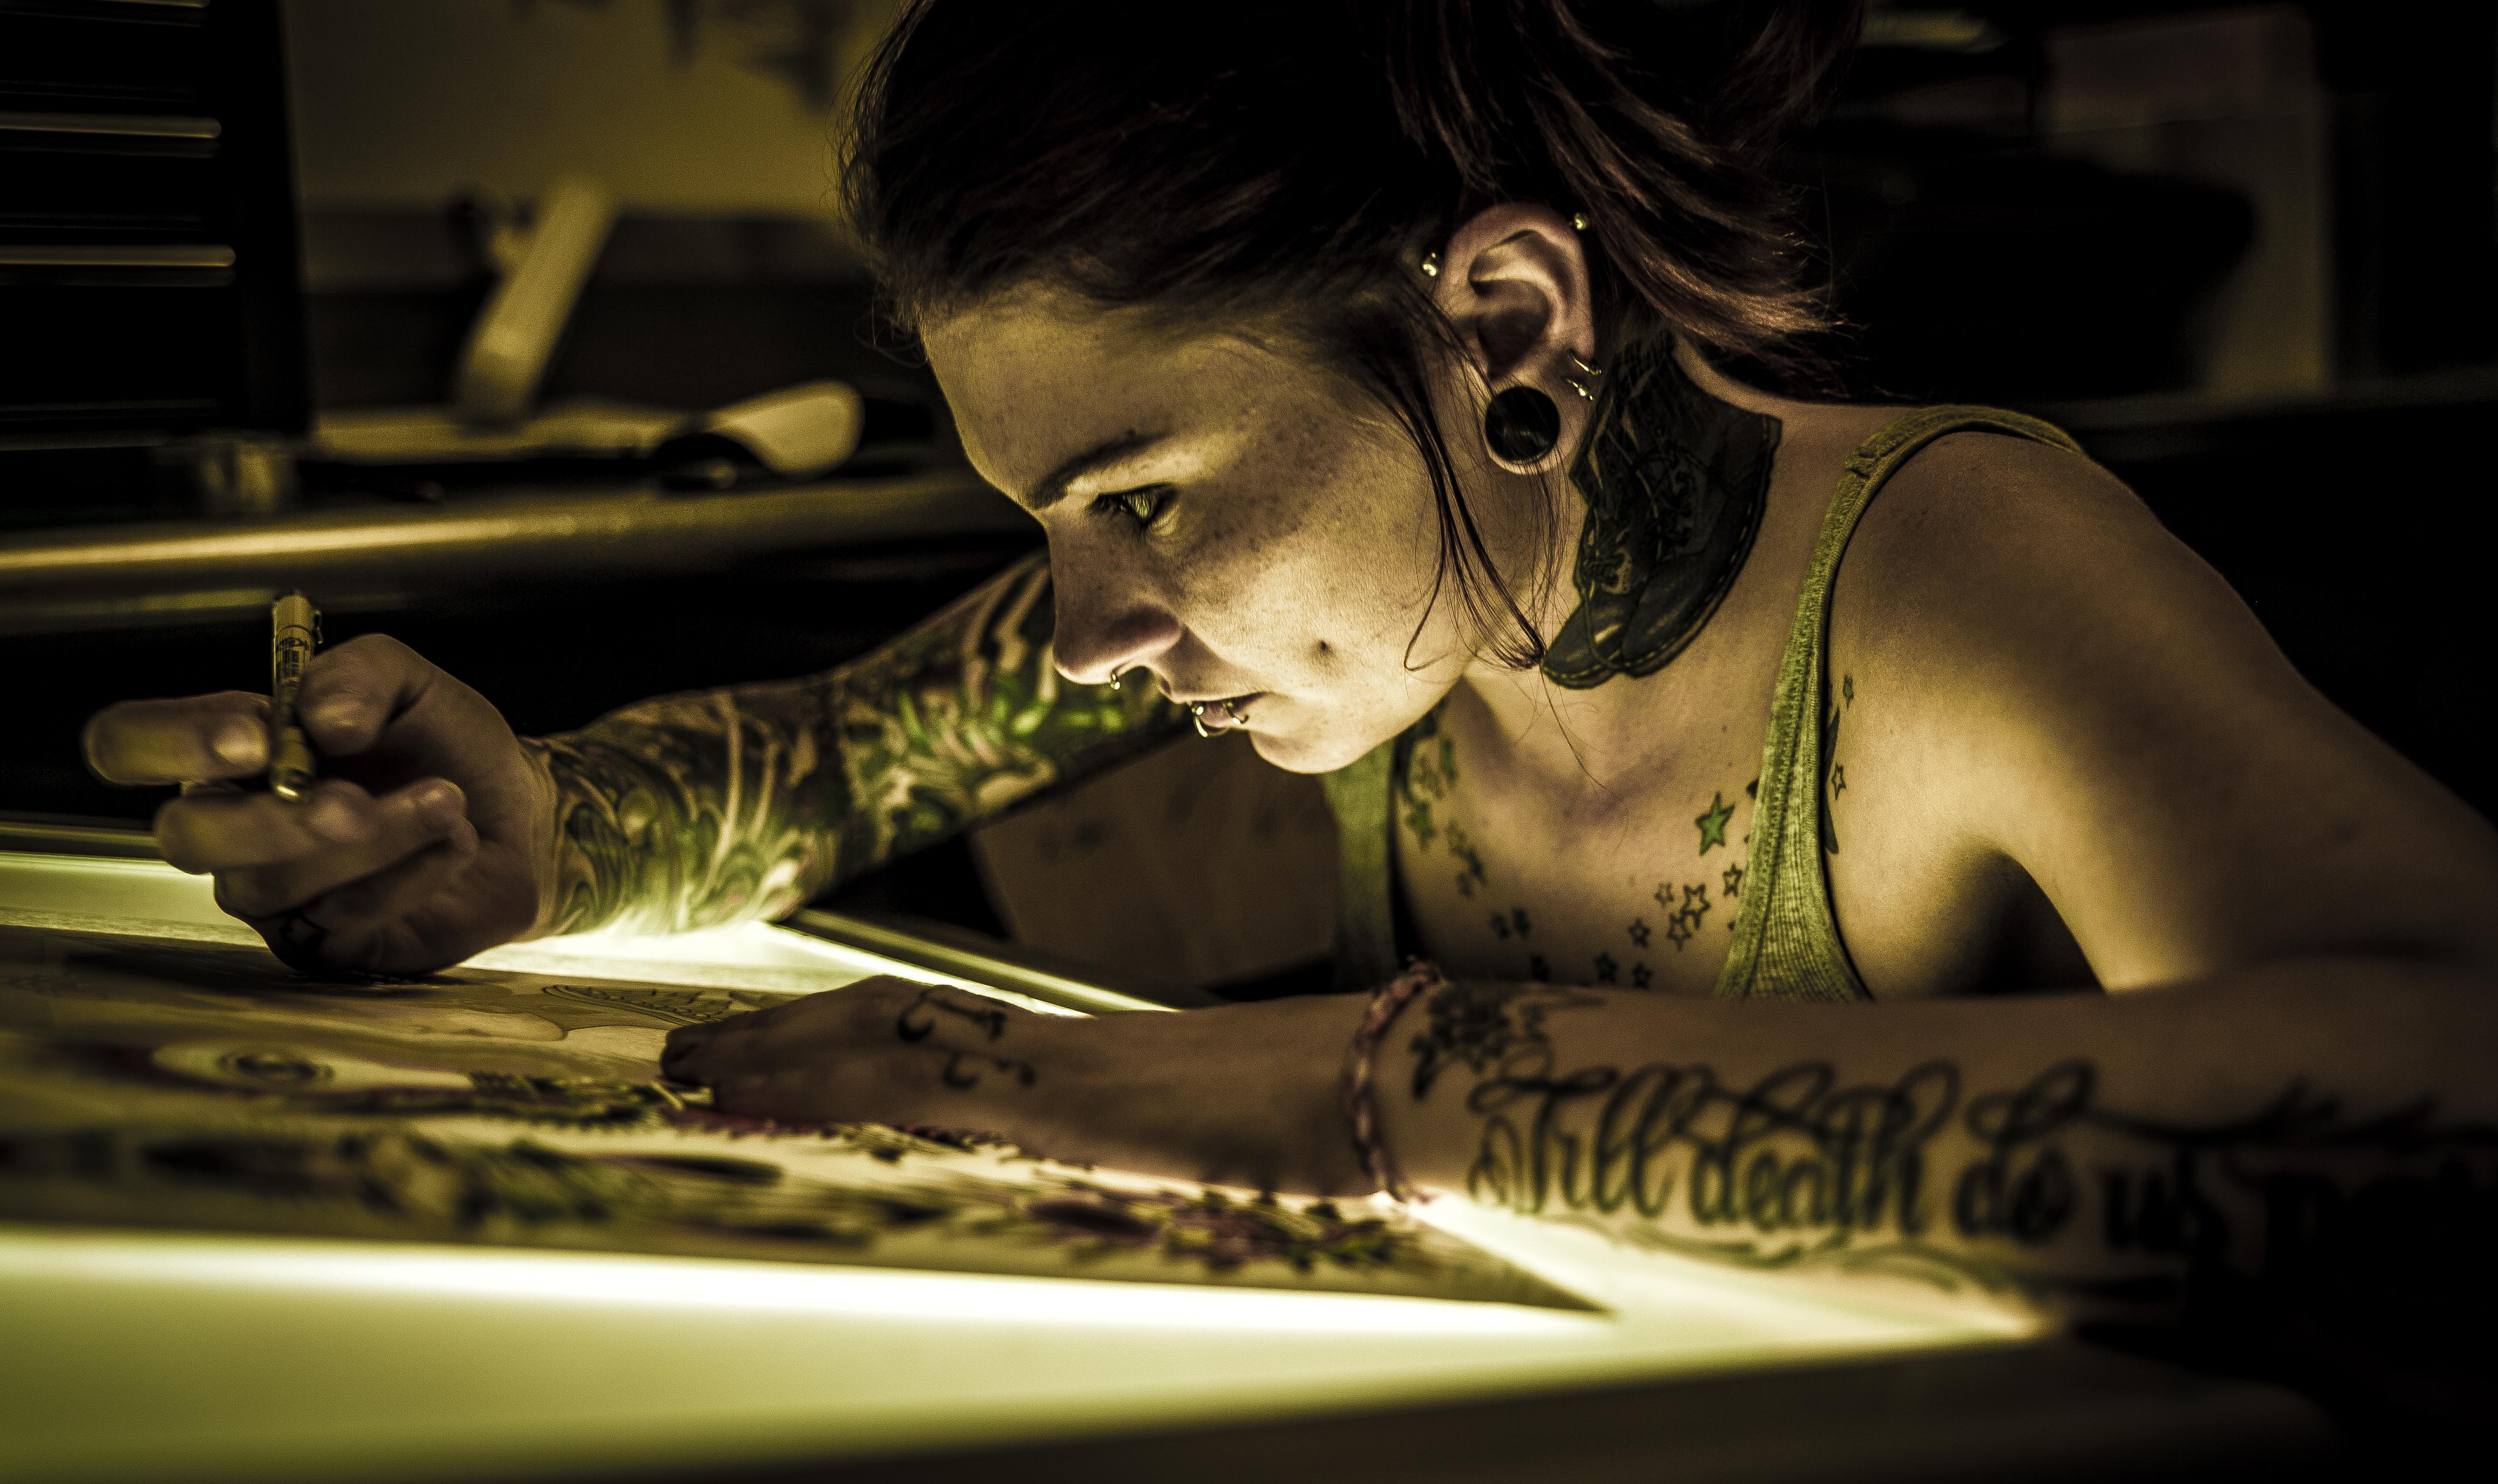 Tattoo Artist Portrait by dennissloan21 on DeviantArt